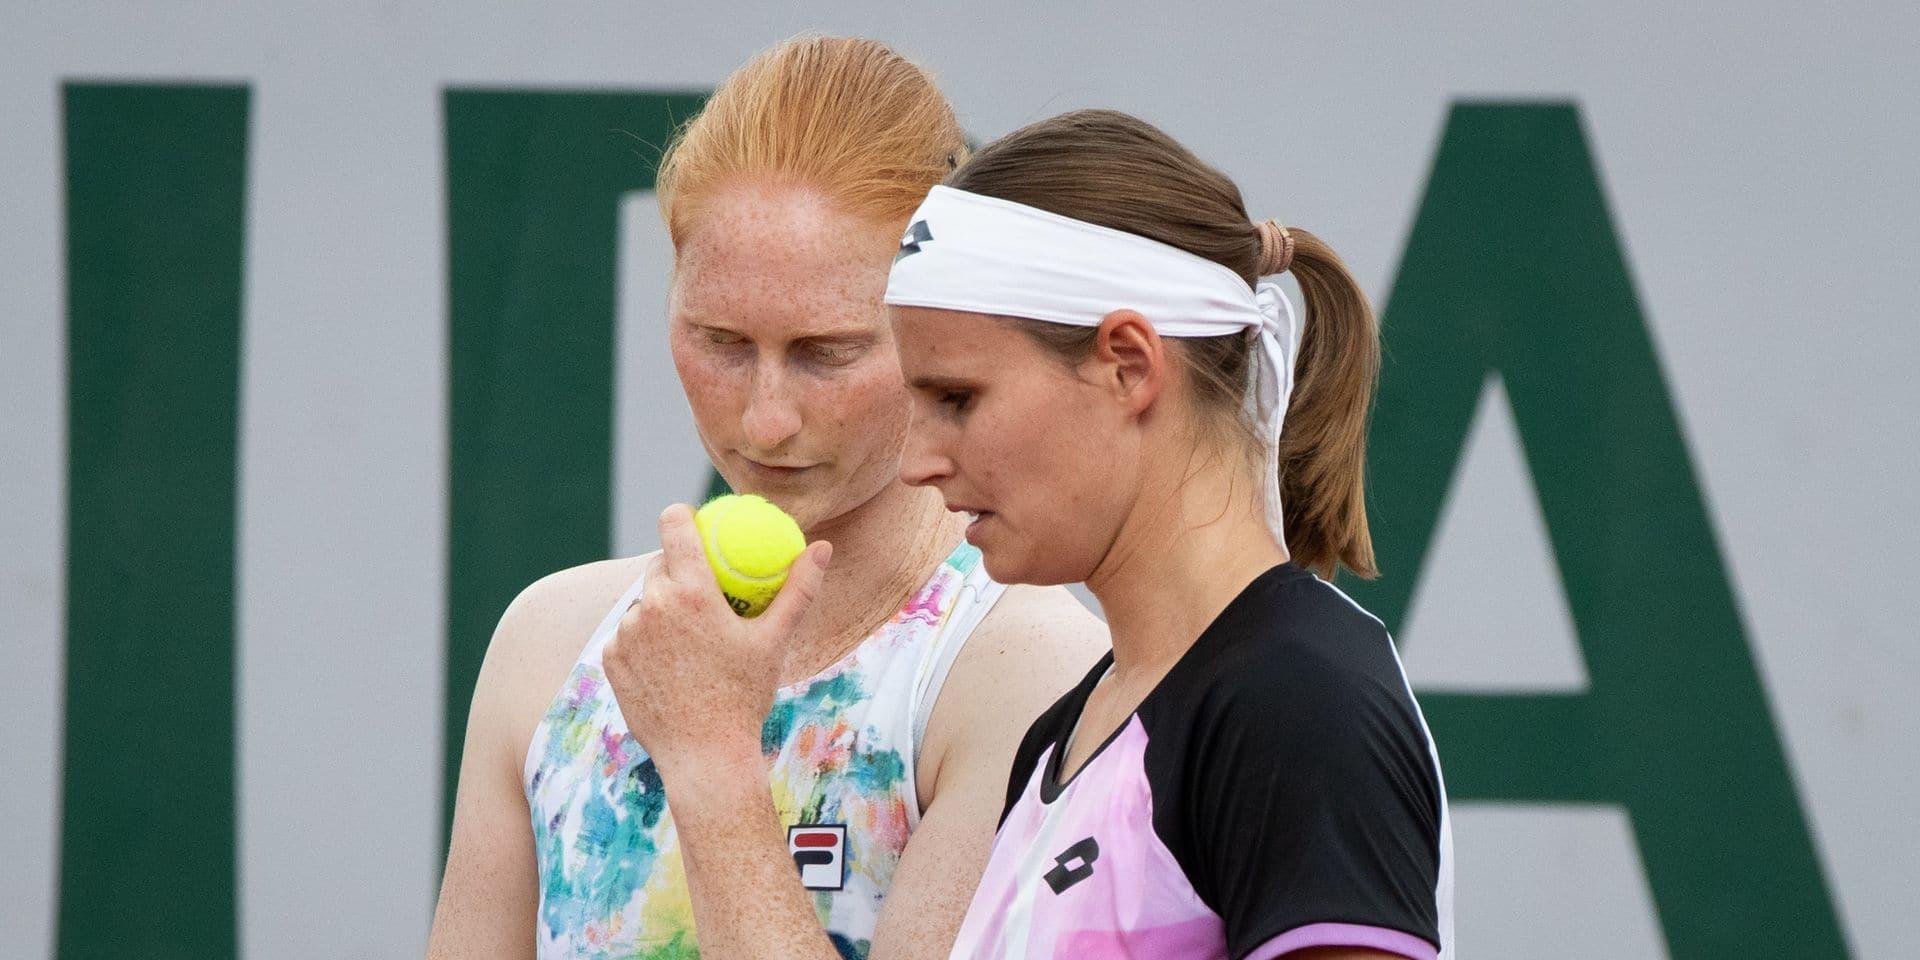 Wimbledon: Ysaline Bonaventure au deuxième tour, Greet Minnen rejoint elle le dernier tour qualificatif